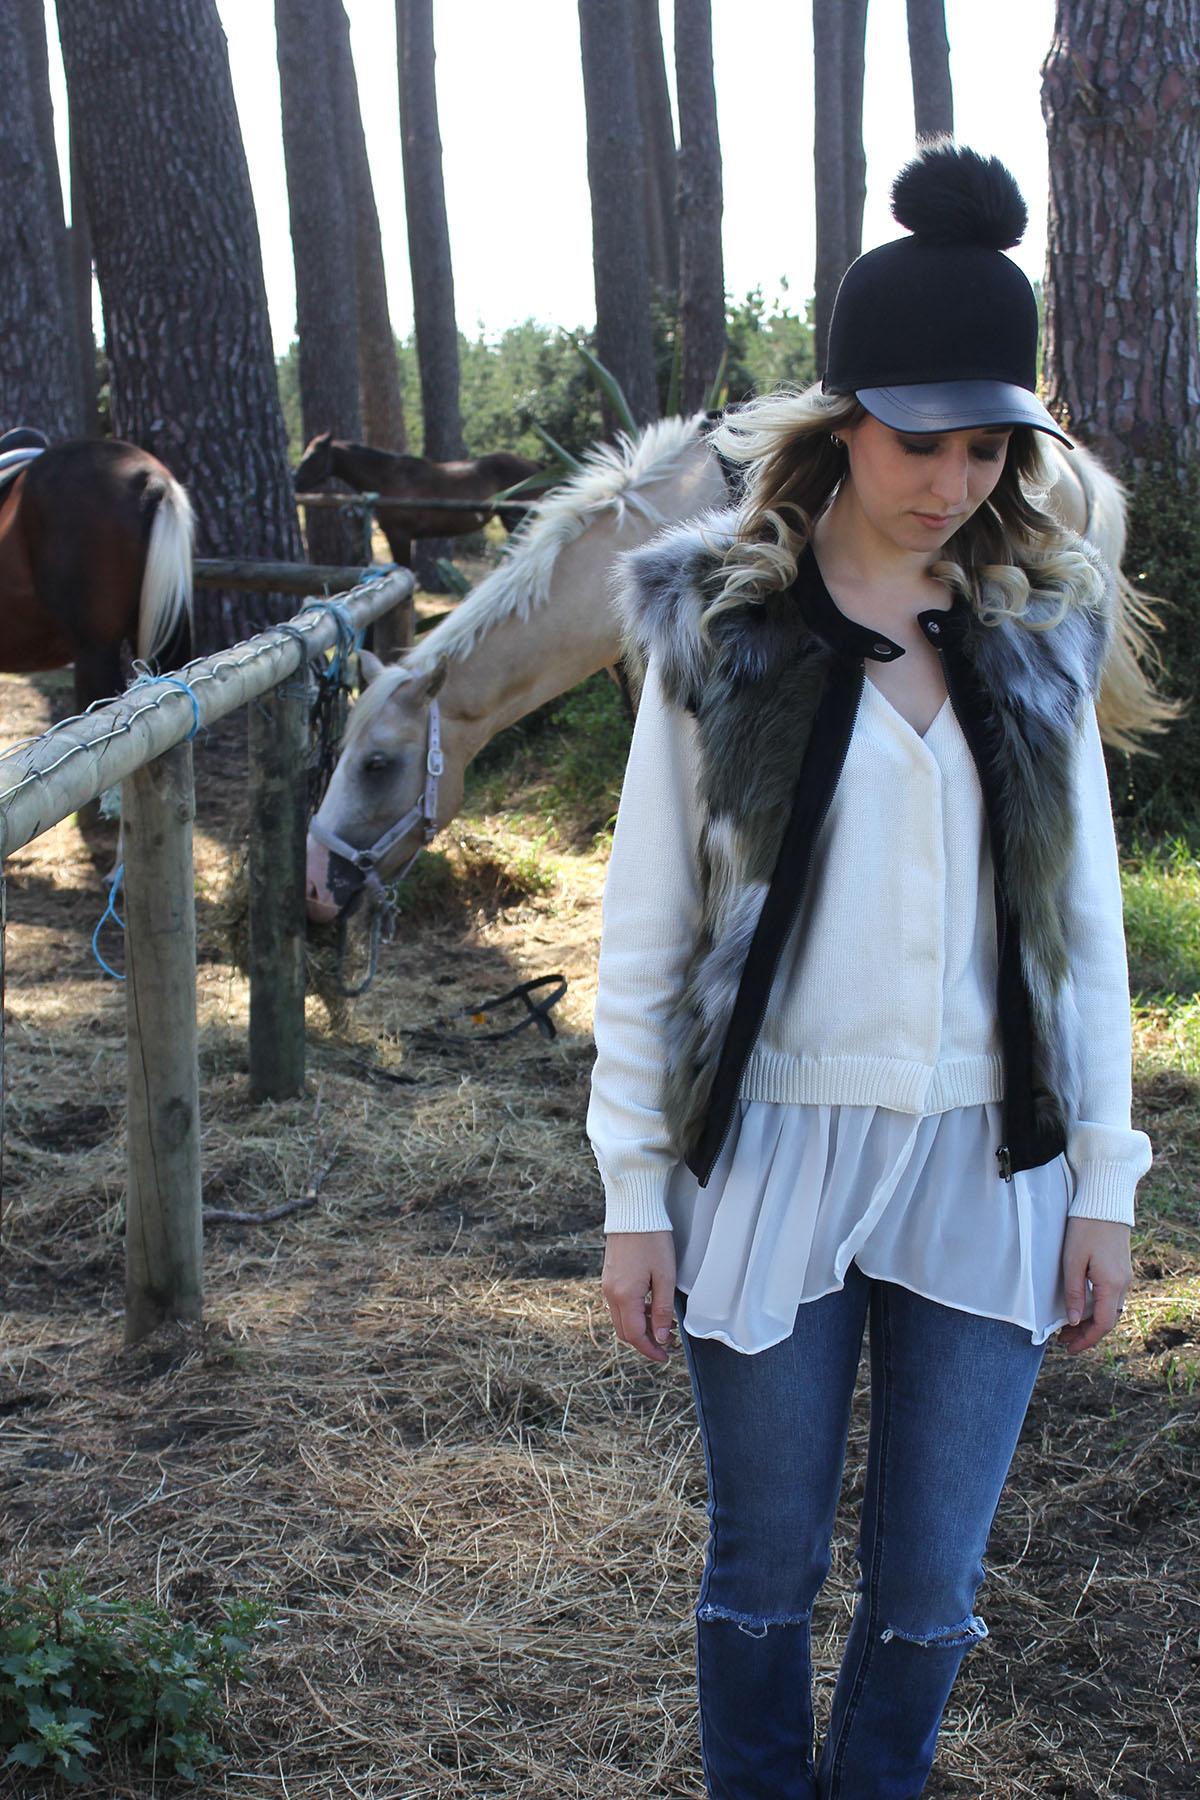 Muriwai-horses_0005_Horses-1.jpg